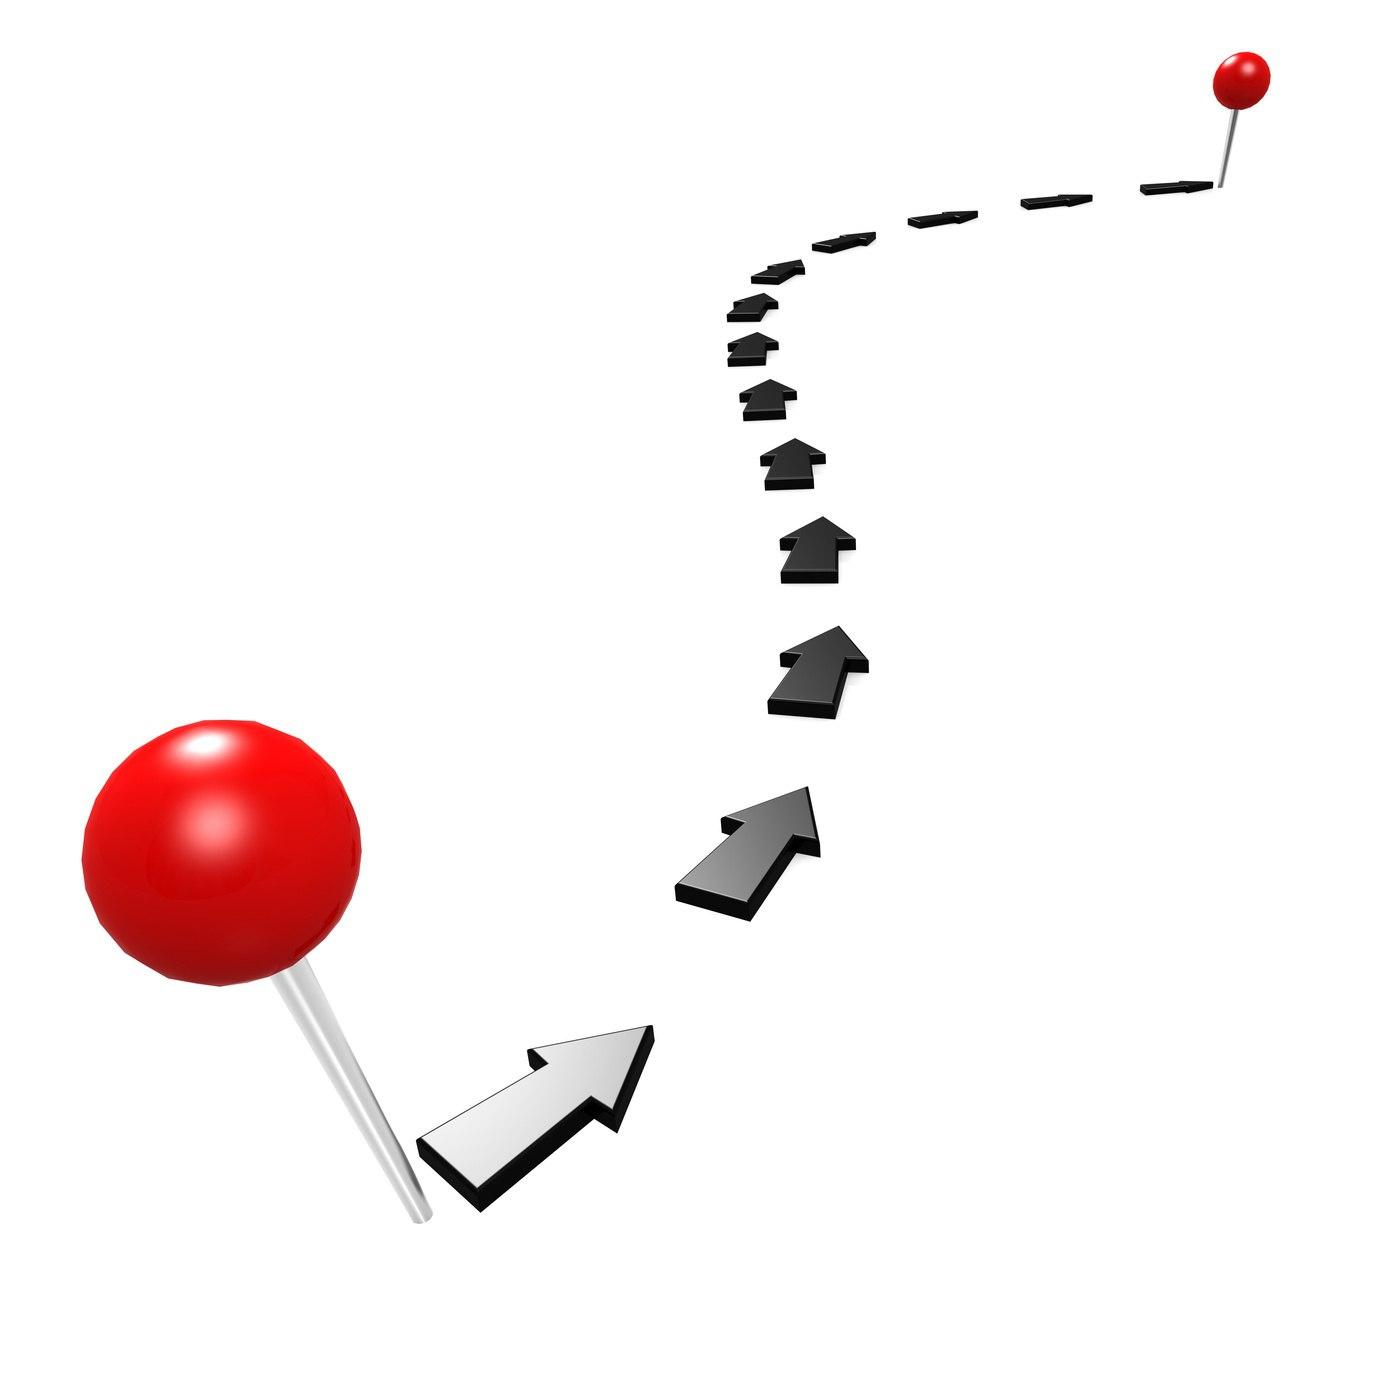 goals_path.jpg